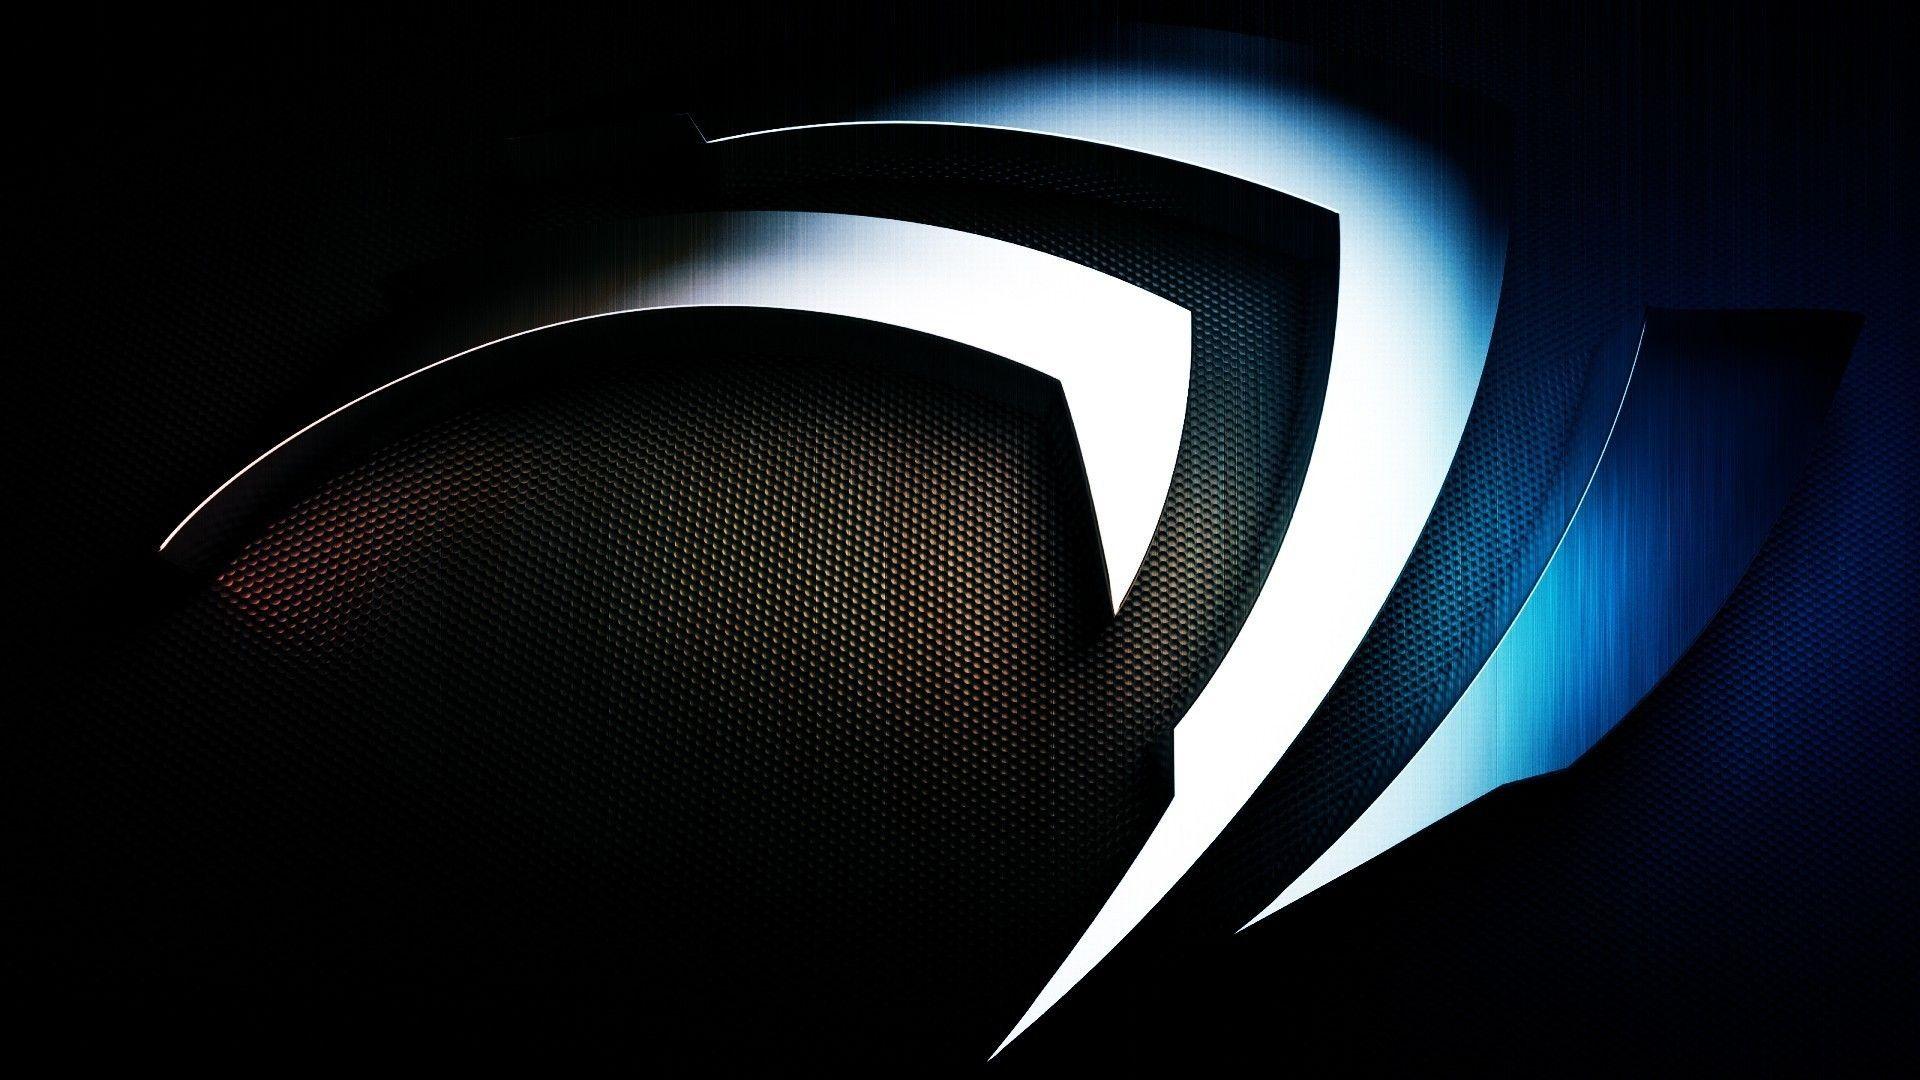 Logo Nvidia Wallpaper In 2019 Uhd Wallpaper Hd